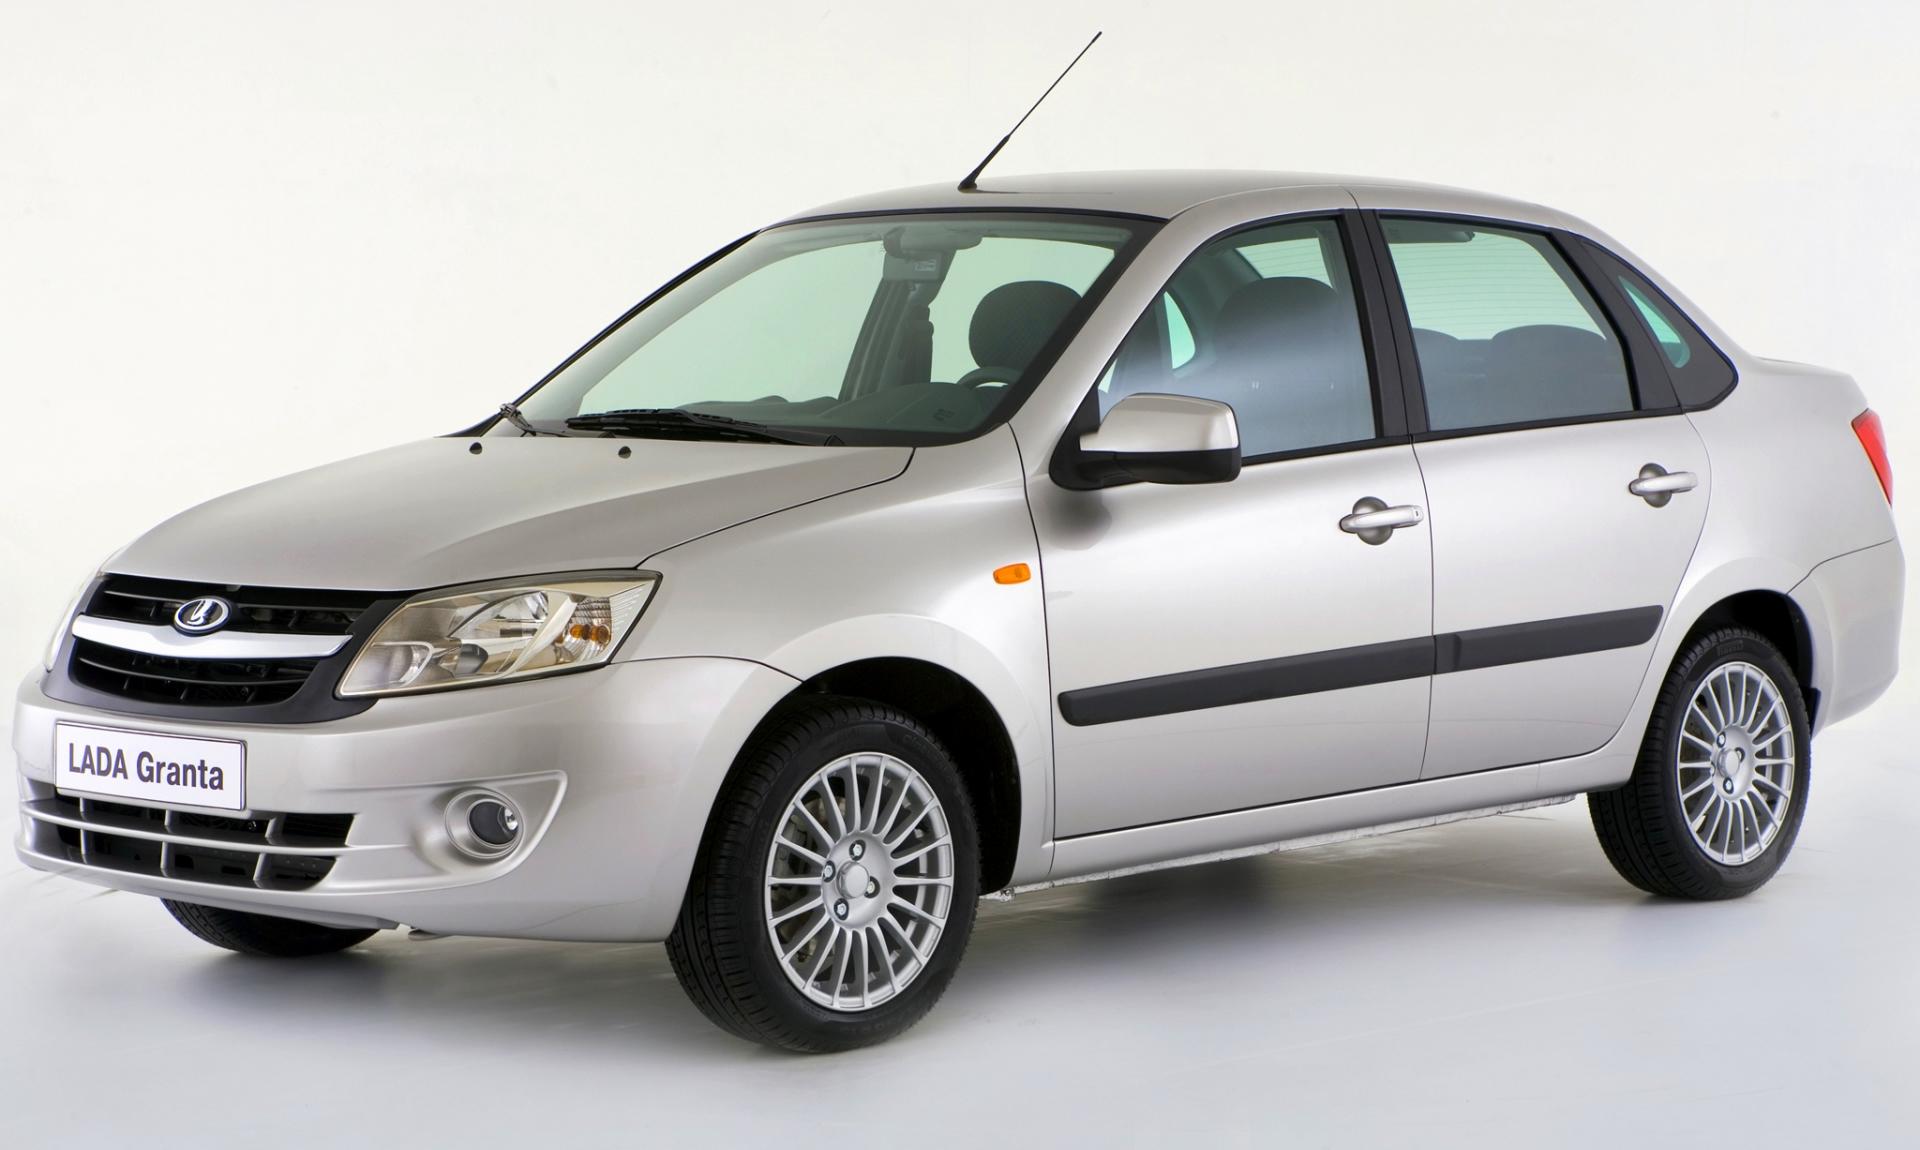 Компания АвтоВАЗ отправила свои машины в Челябинск